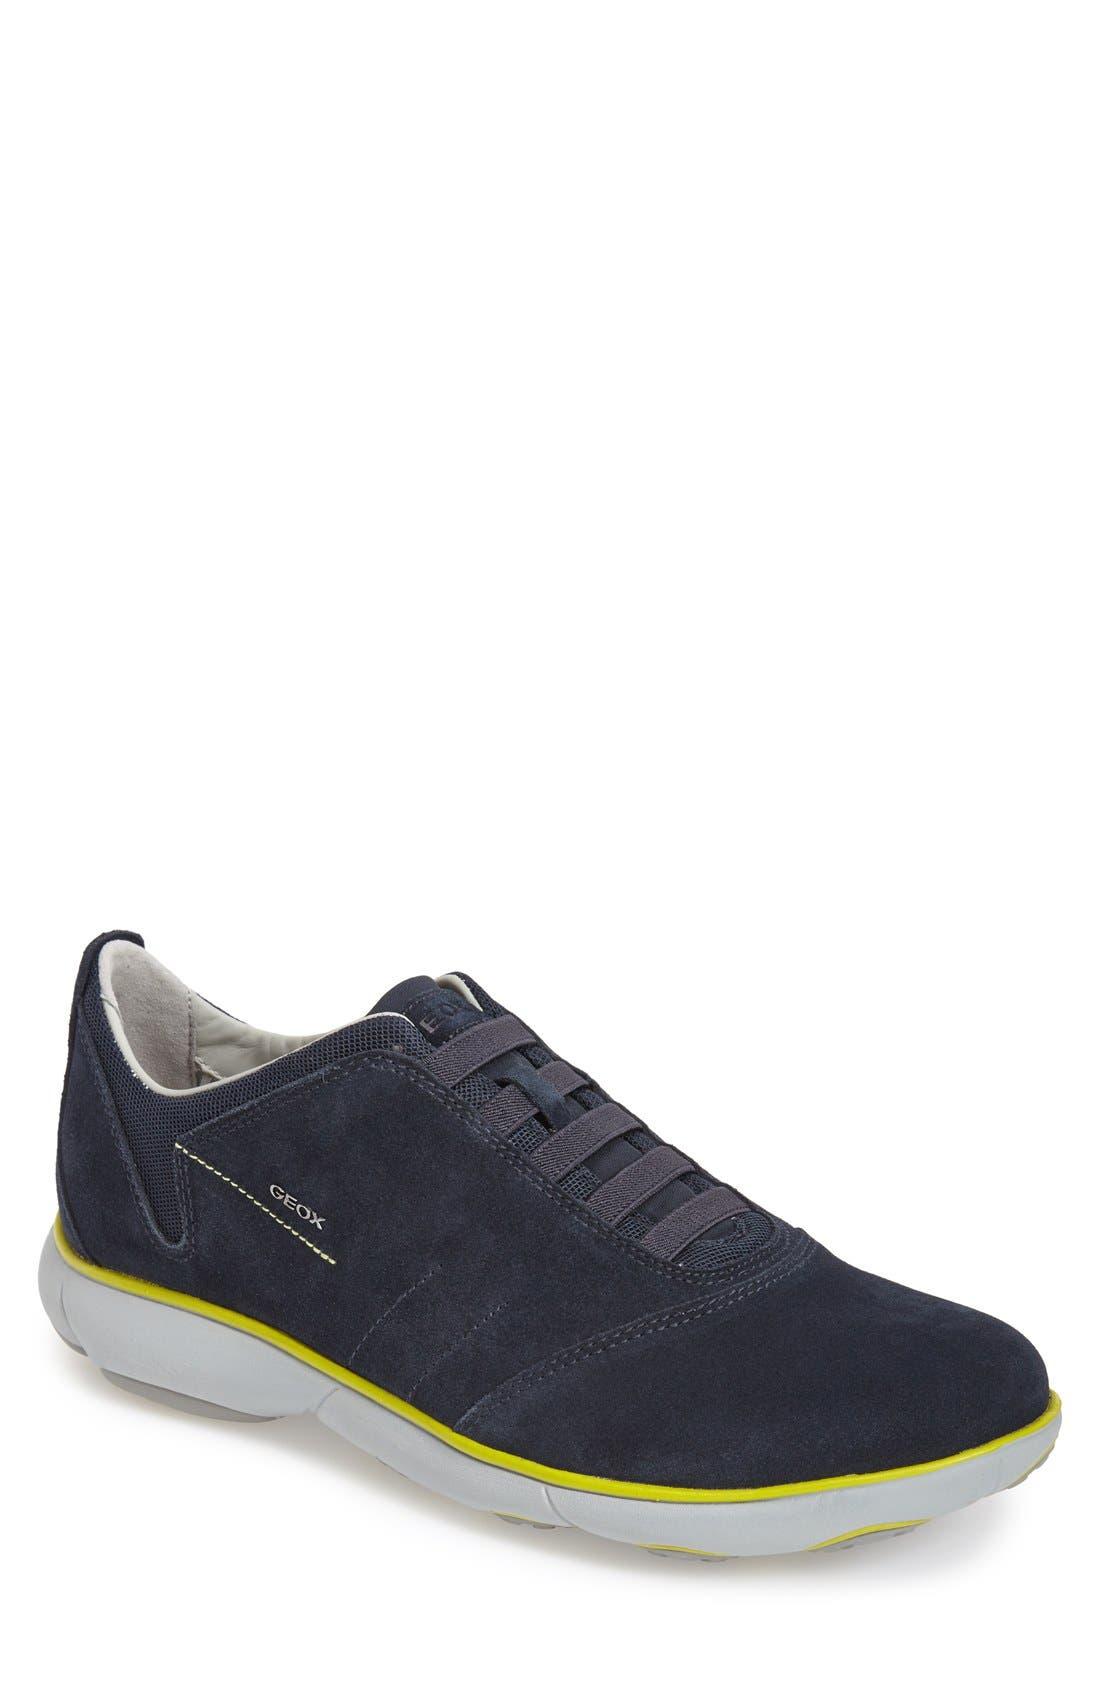 GEOX Nebula 7 Slip-On Sneaker